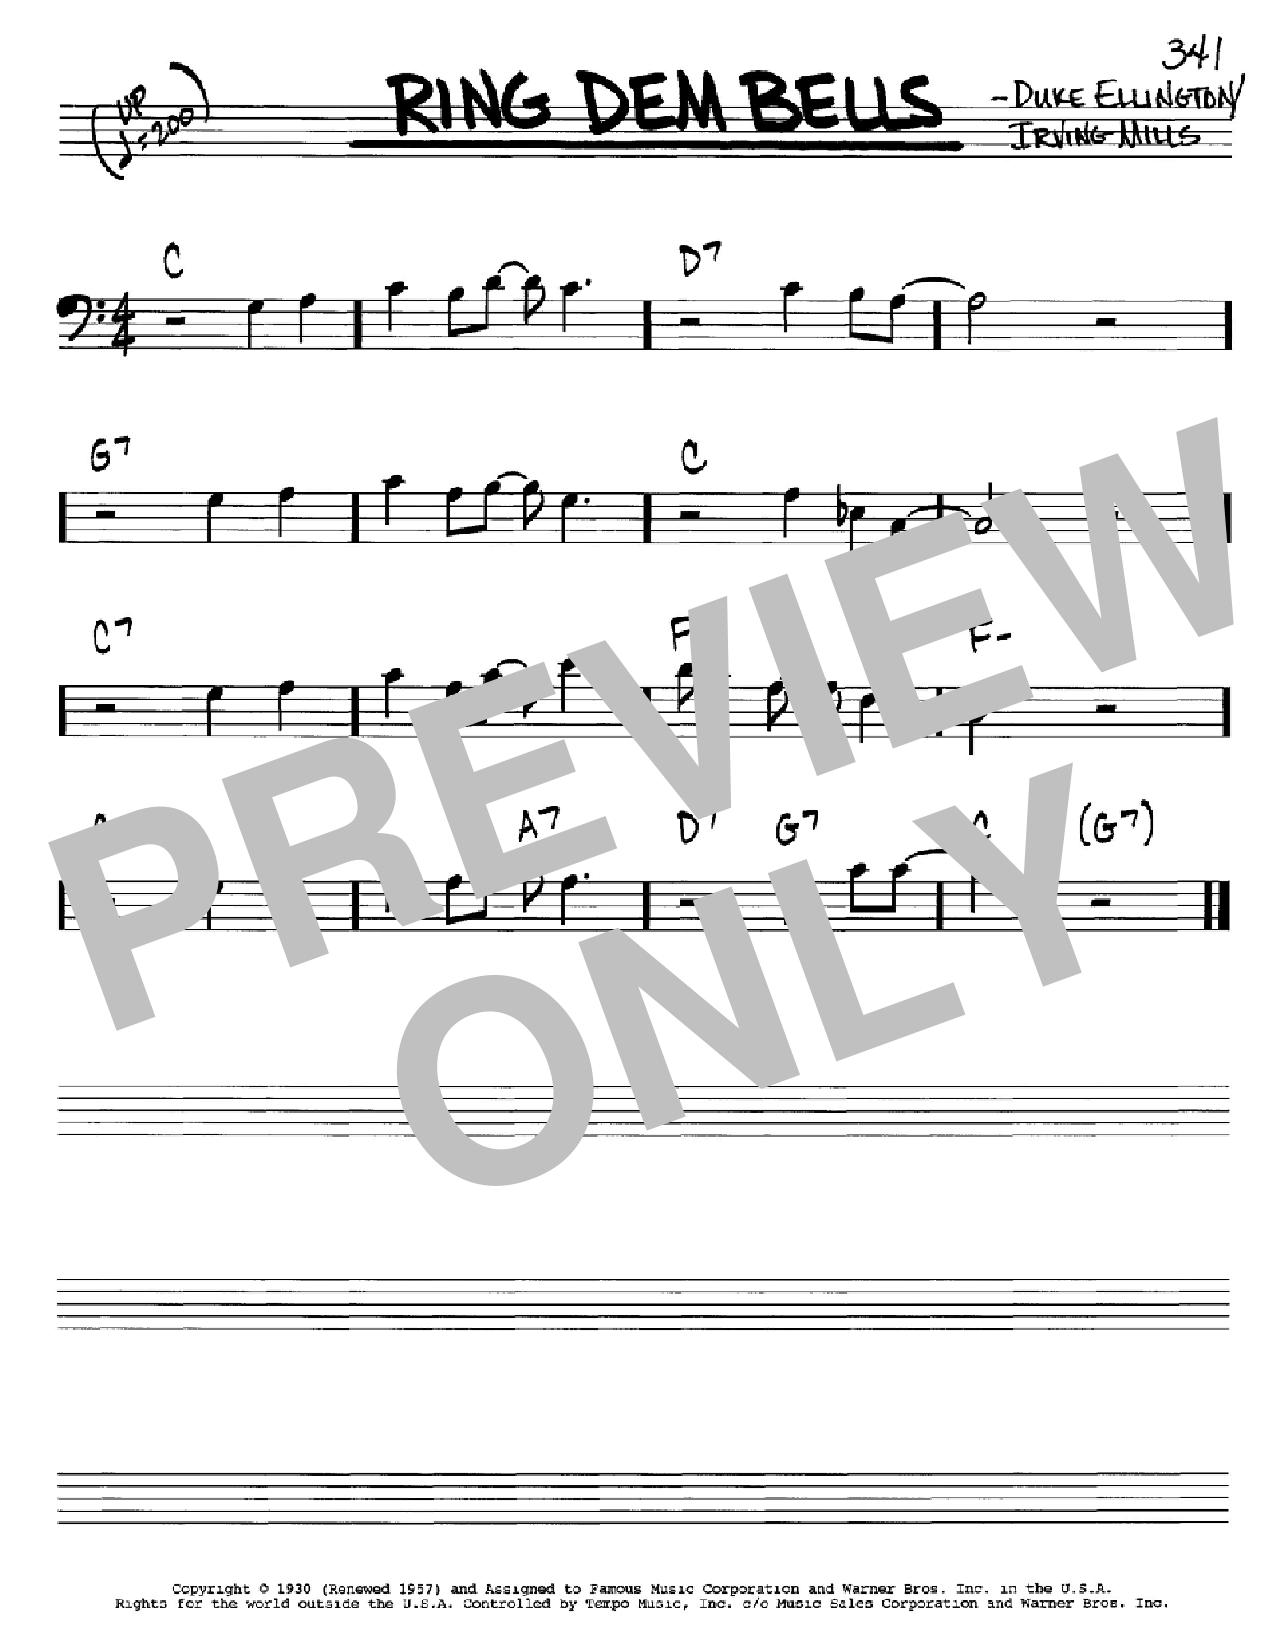 Partition autre Ring Dem Bells de Duke Ellington - Real Book, Melodie et Accords, Inst. En cle de Fa